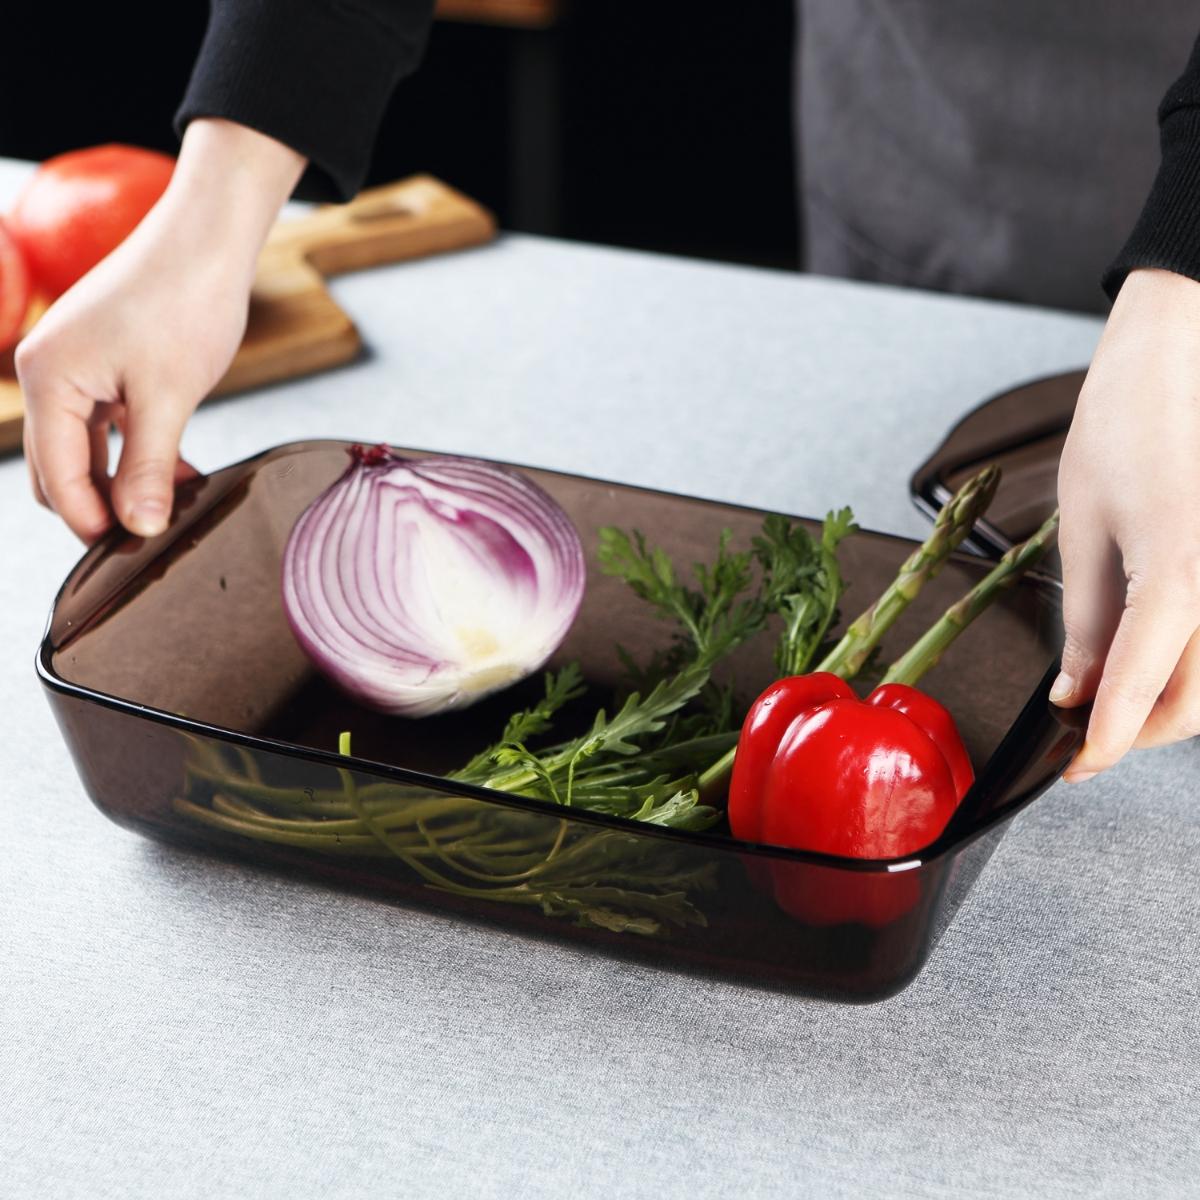 协龙腾钢化玻璃盘家用玻璃烤盘菜盘子餐盘微波炉烤箱盘彩色玻